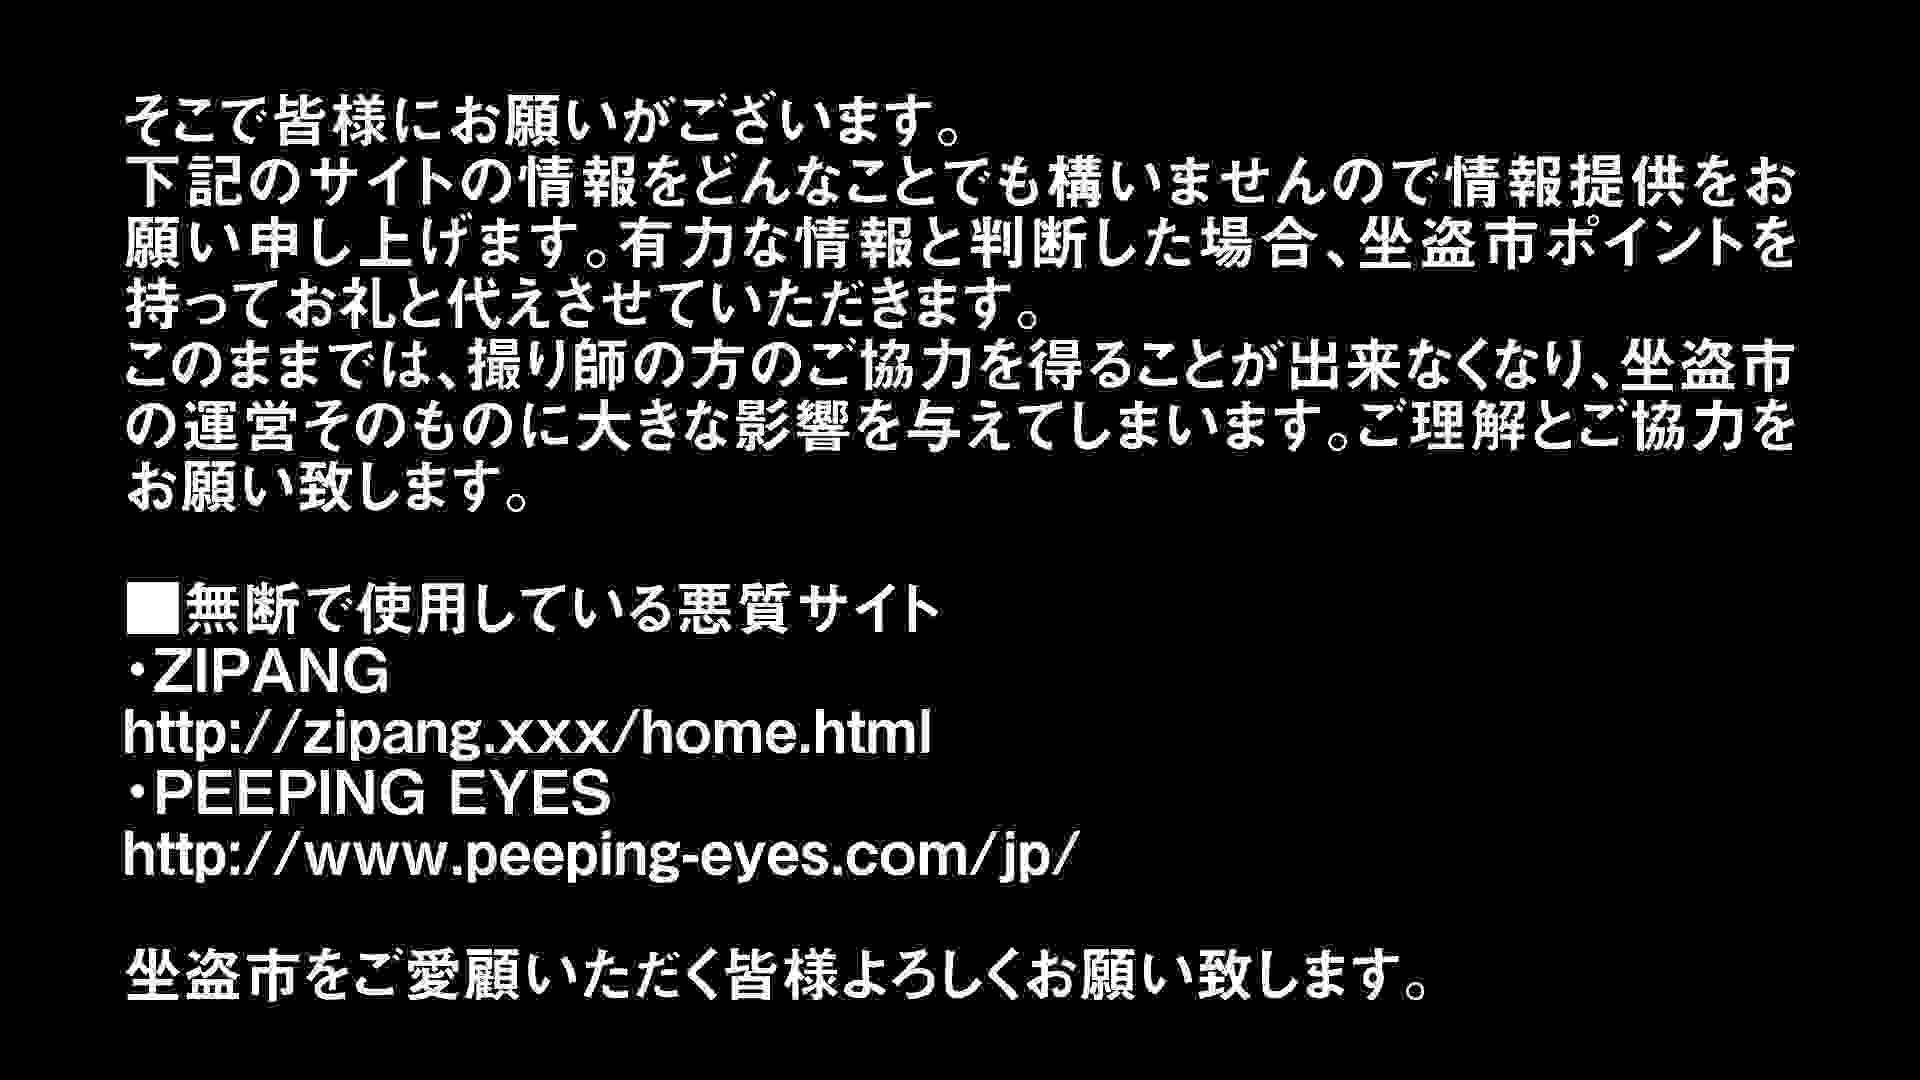 Aquaな露天風呂Vol.297 OLエロ画像  99PICs 36